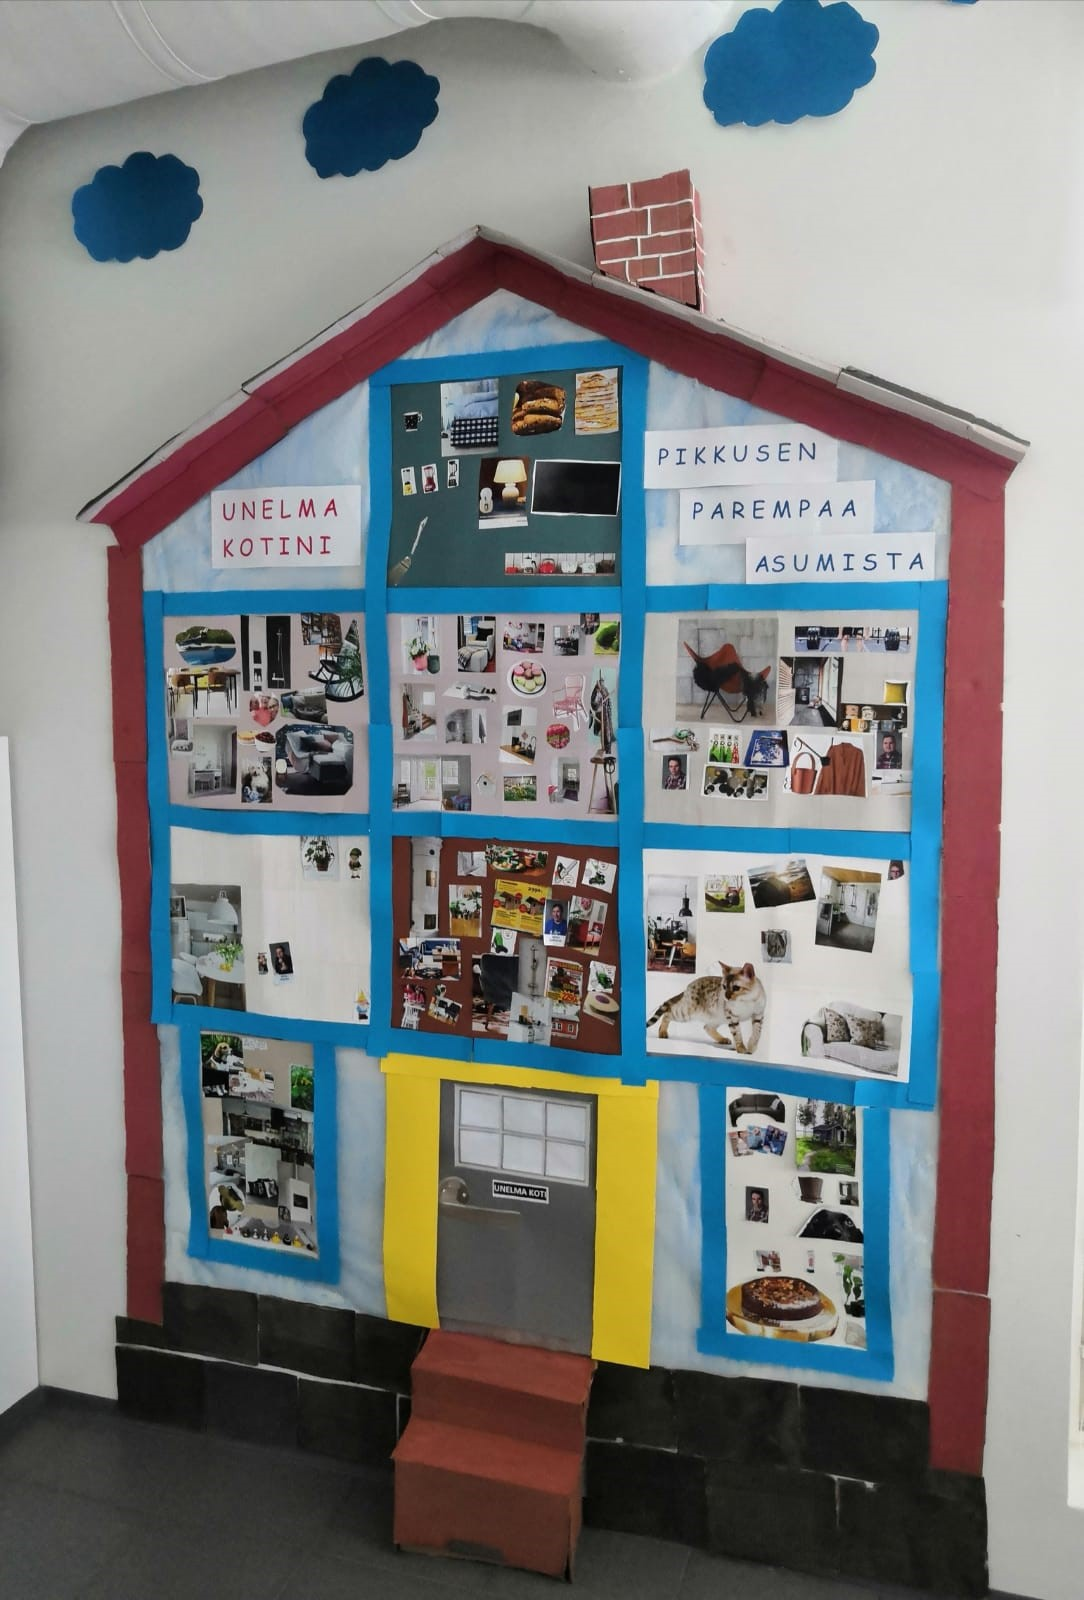 Talon muotoinen kuvakollaasi seinällä. Otsikkona: Unelmakotini, pikkuisen parempaa asumista